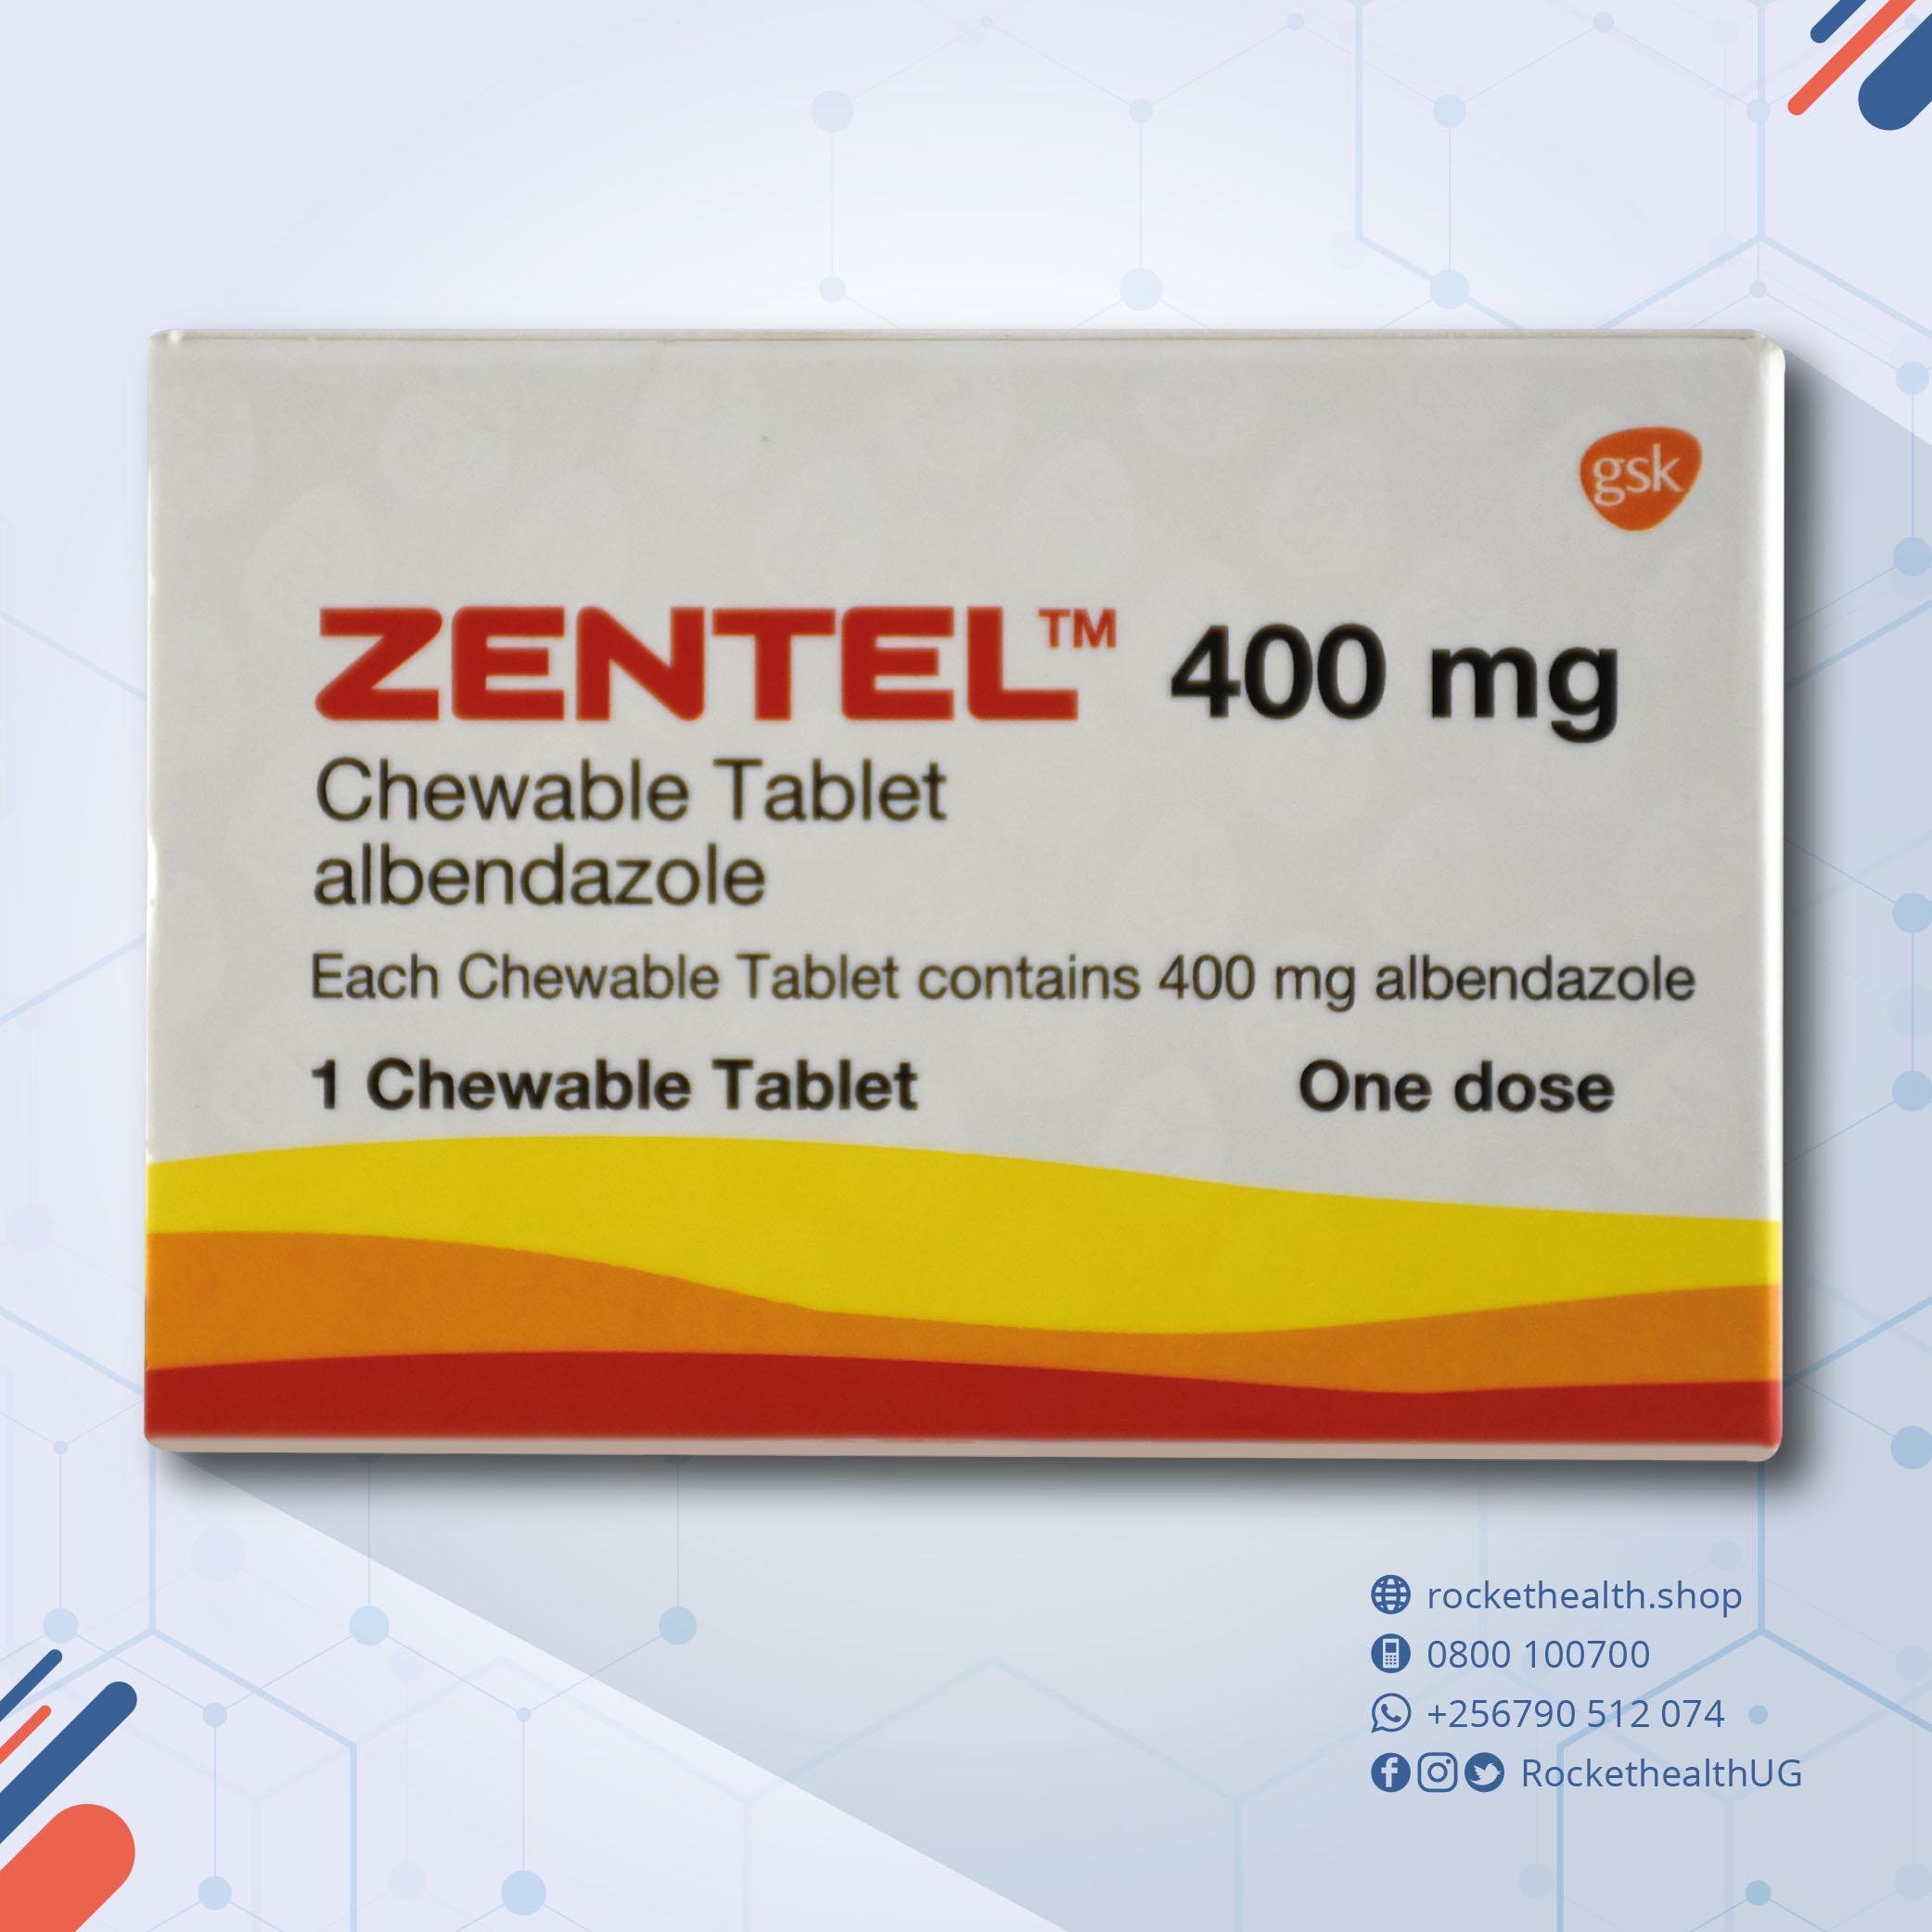 zentel tablet 400 mg